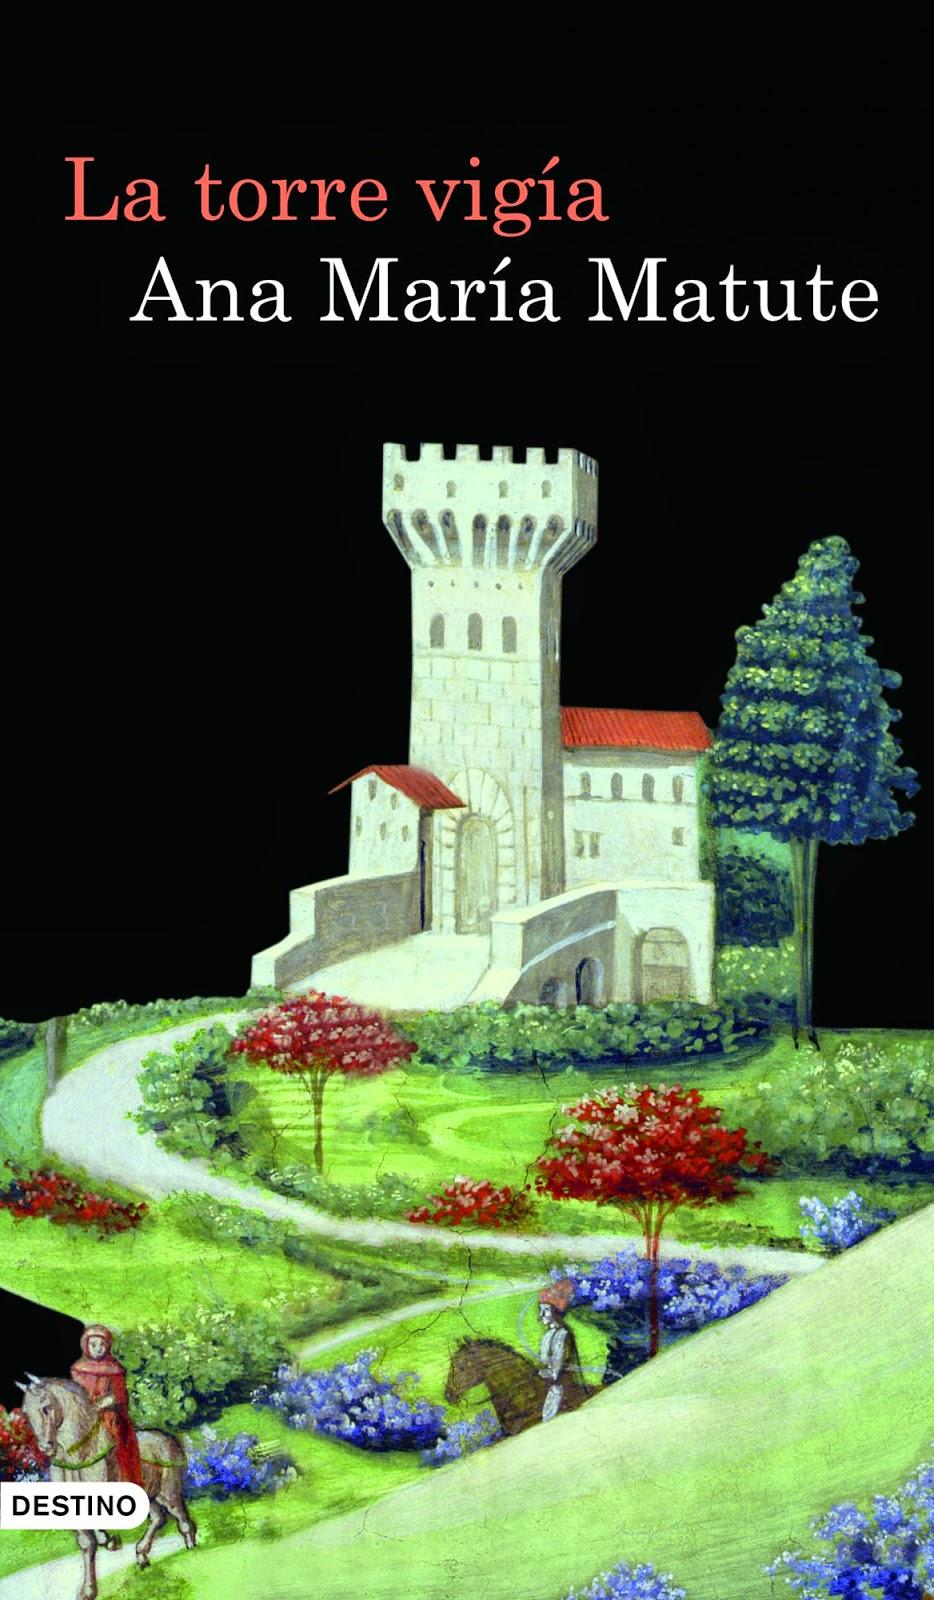 La torre vigía - Ana María Matute